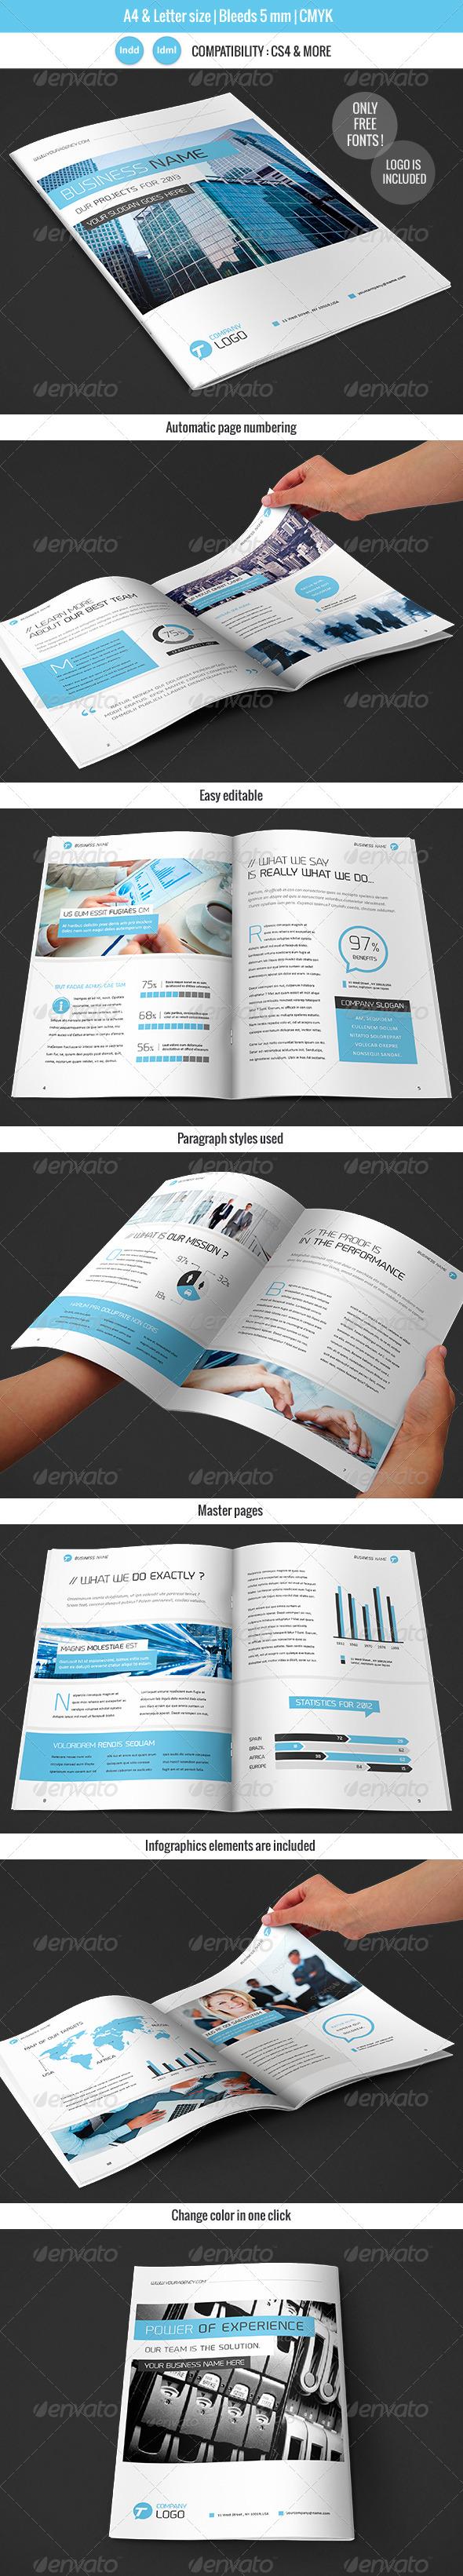 Corportate & Business Brochure Template Design - Corporate Brochures